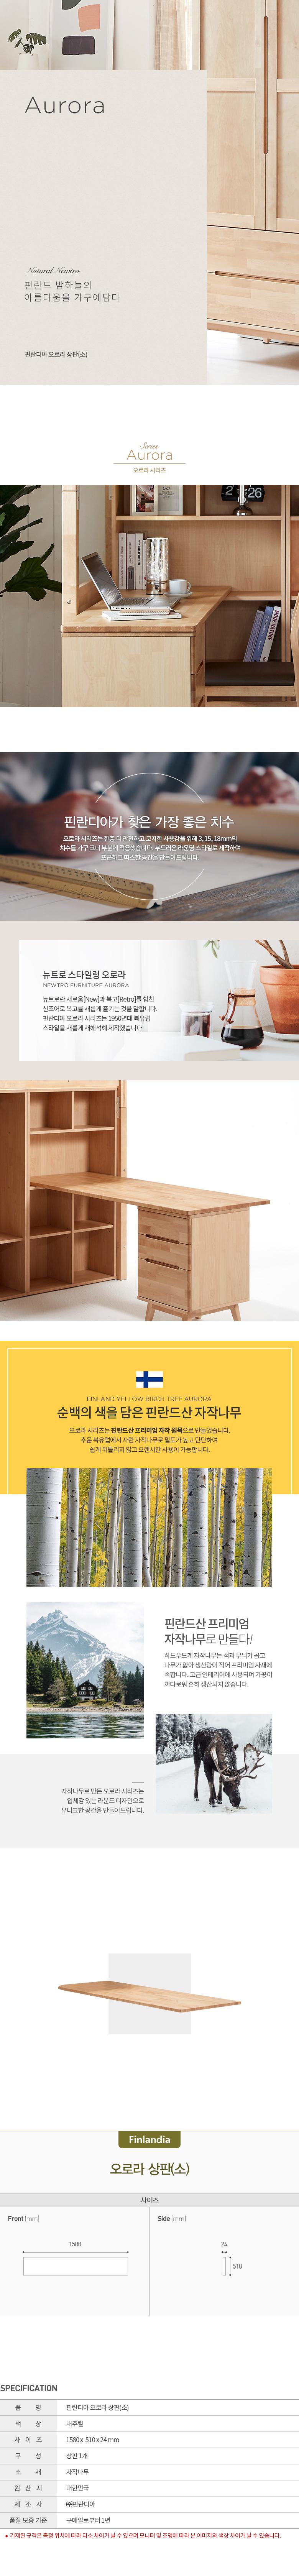 tabletop_S.jpg